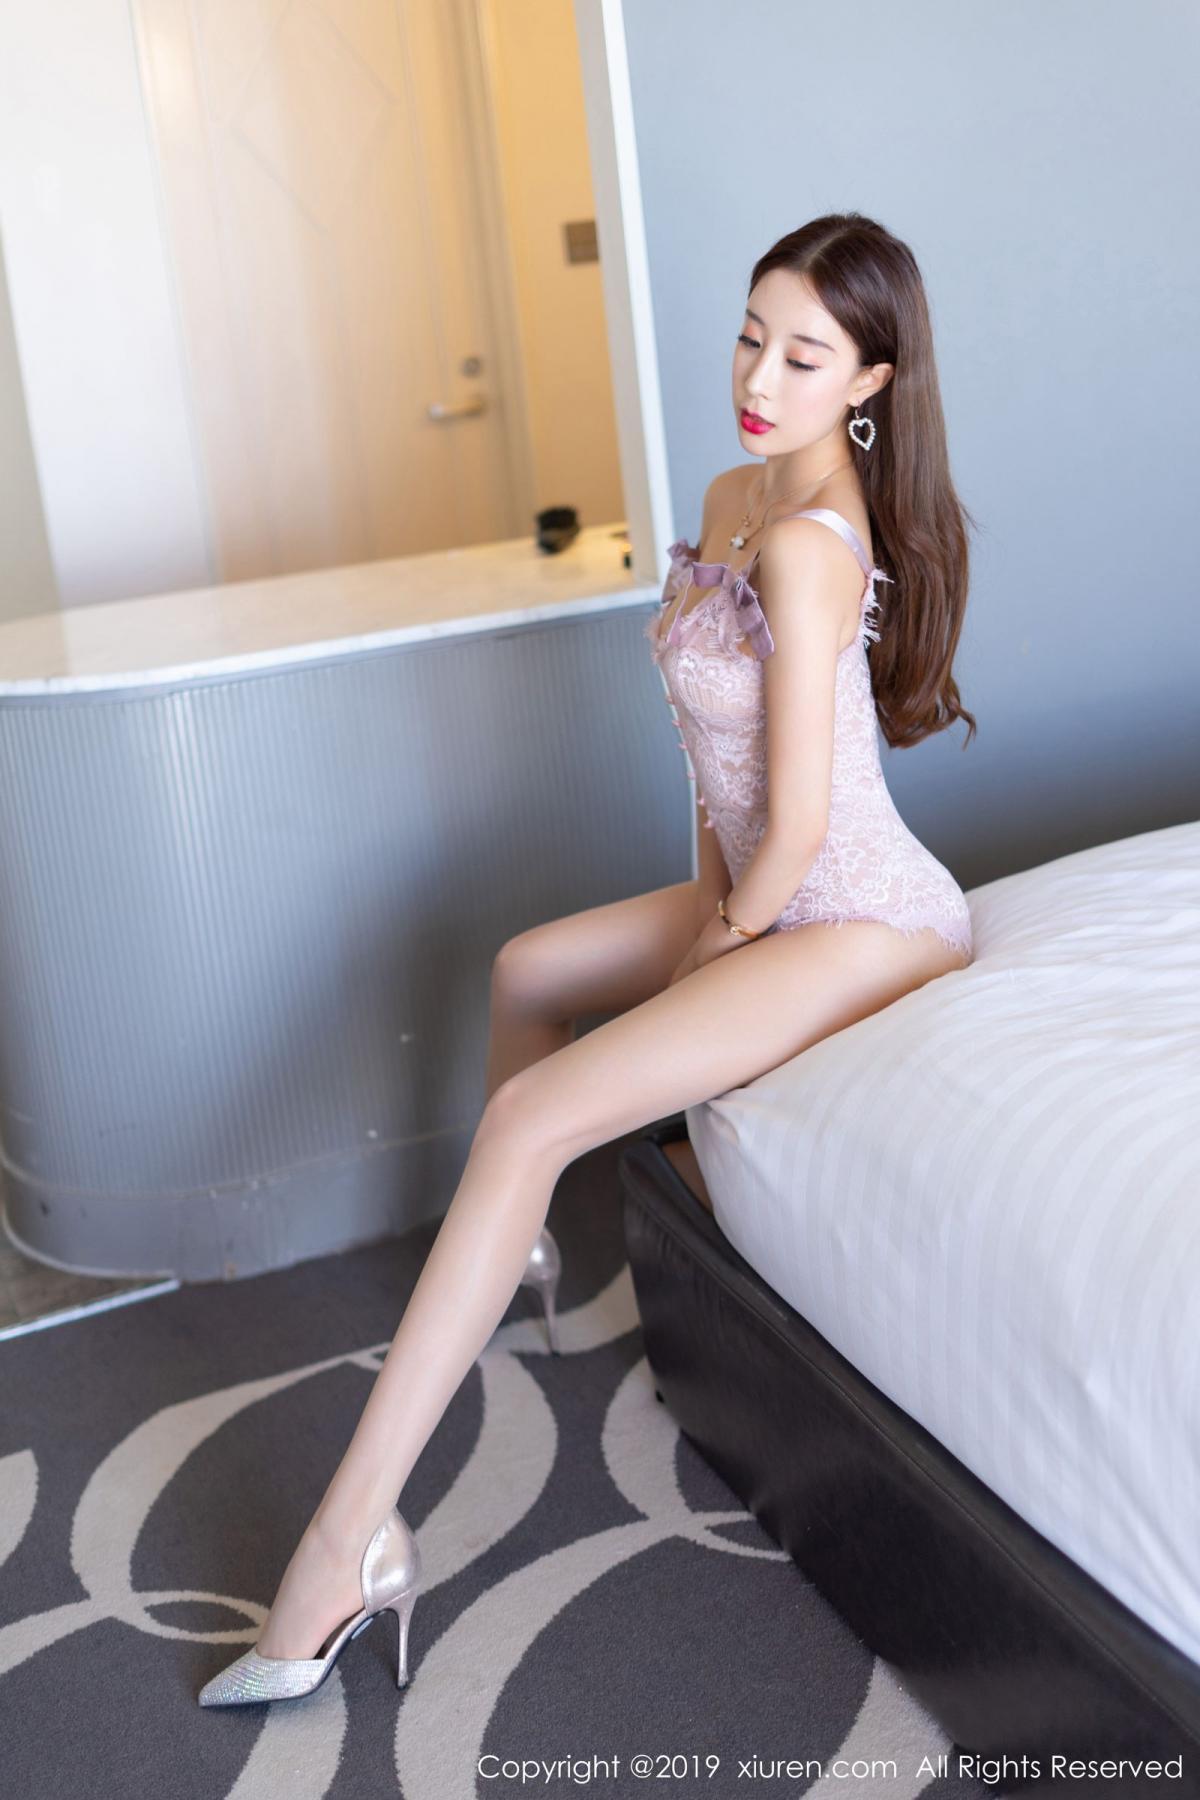 [XiuRen] Vol.1631 Duan Xiao Hui 20P, Beach, Bikini, Duan Xiao Hui, Xiuren